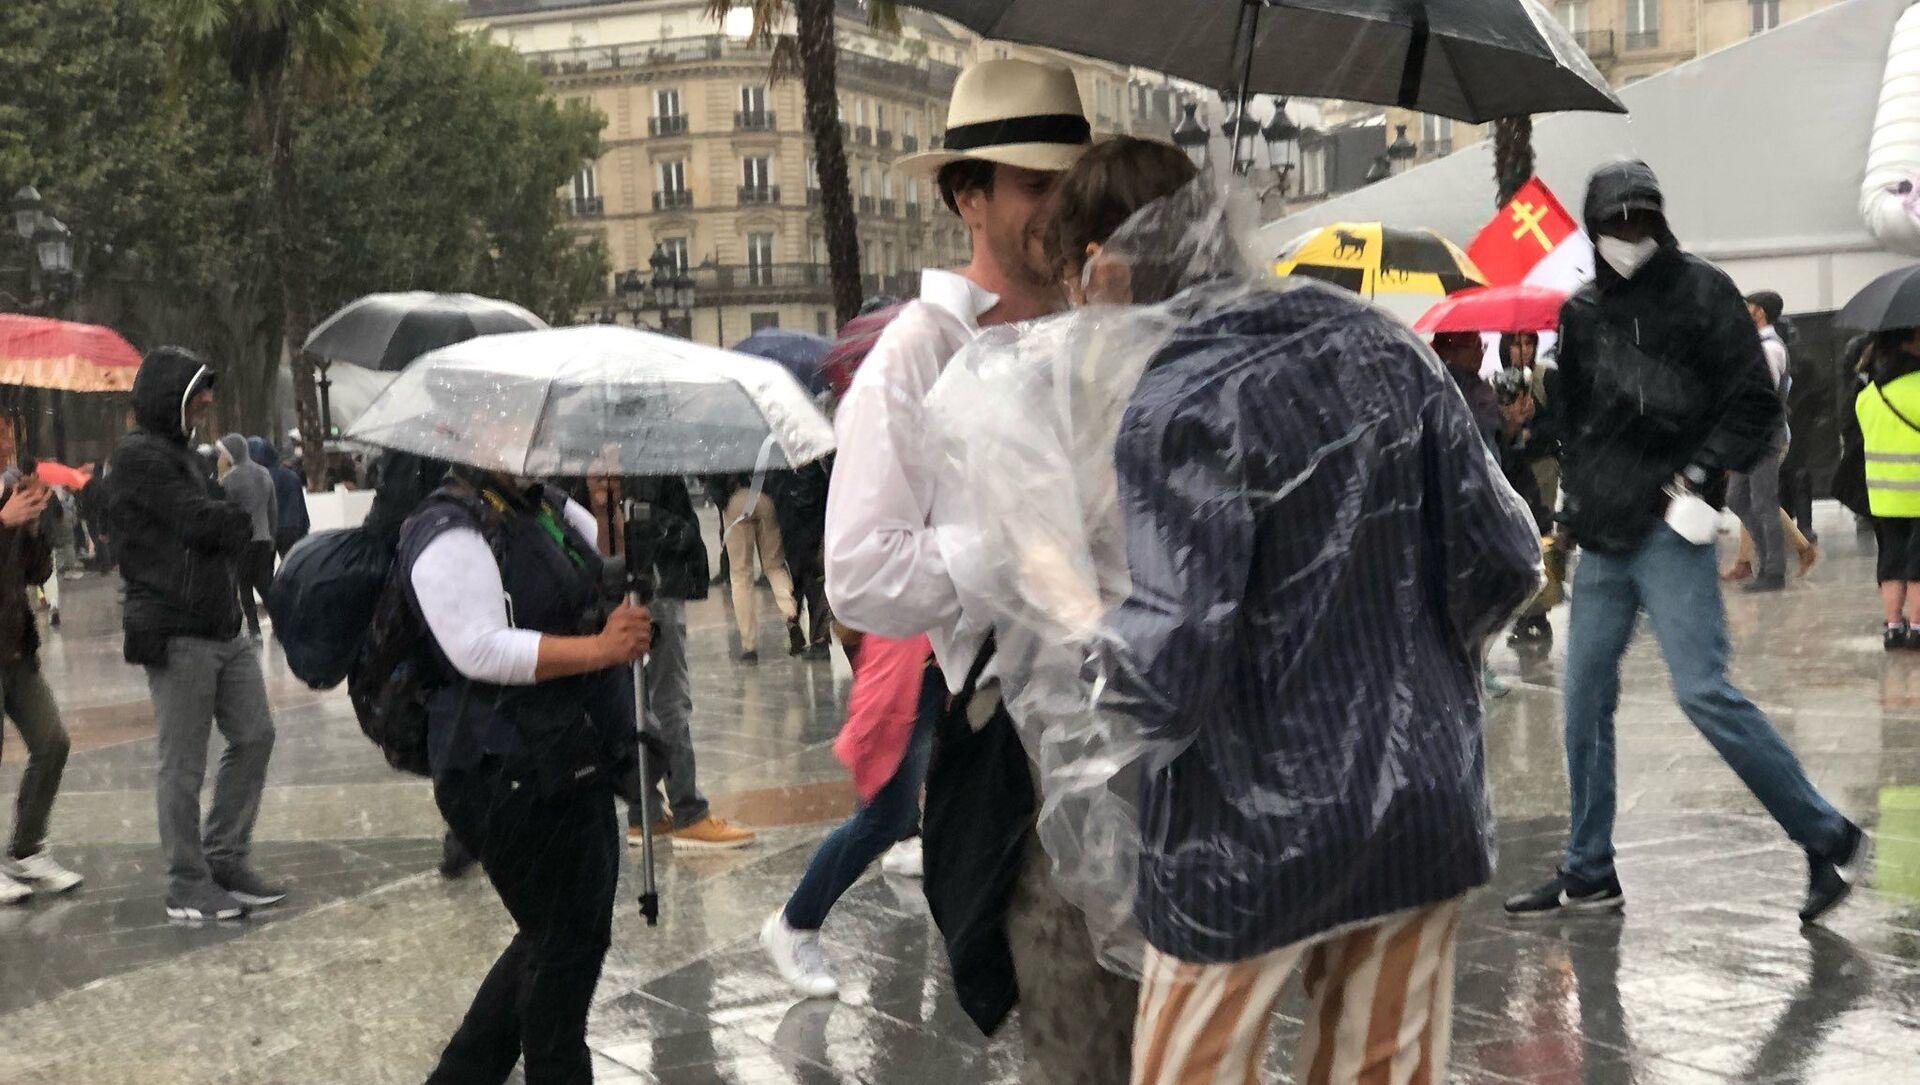 Quatrième week-end de mobilisation à Paris contre le pass sanitaire, 7 août 2021 - Sputnik France, 1920, 08.08.2021